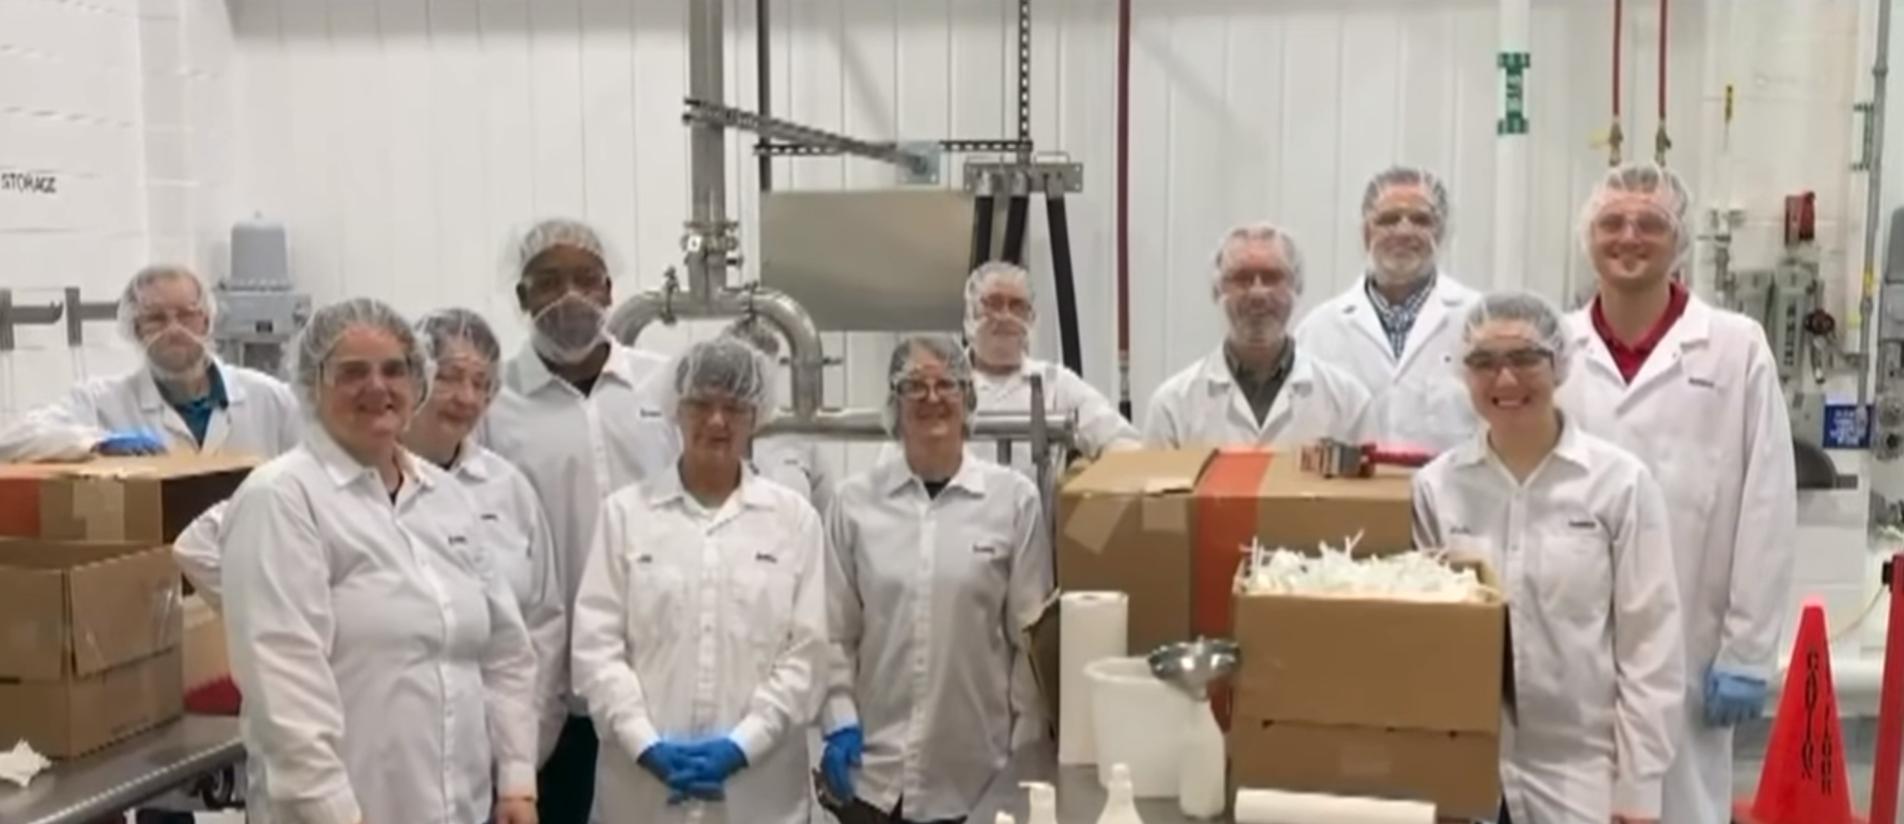 Amway fabricó su propio desinfectante de manos y donó 10,000 botellas de 6oz a un Hospital